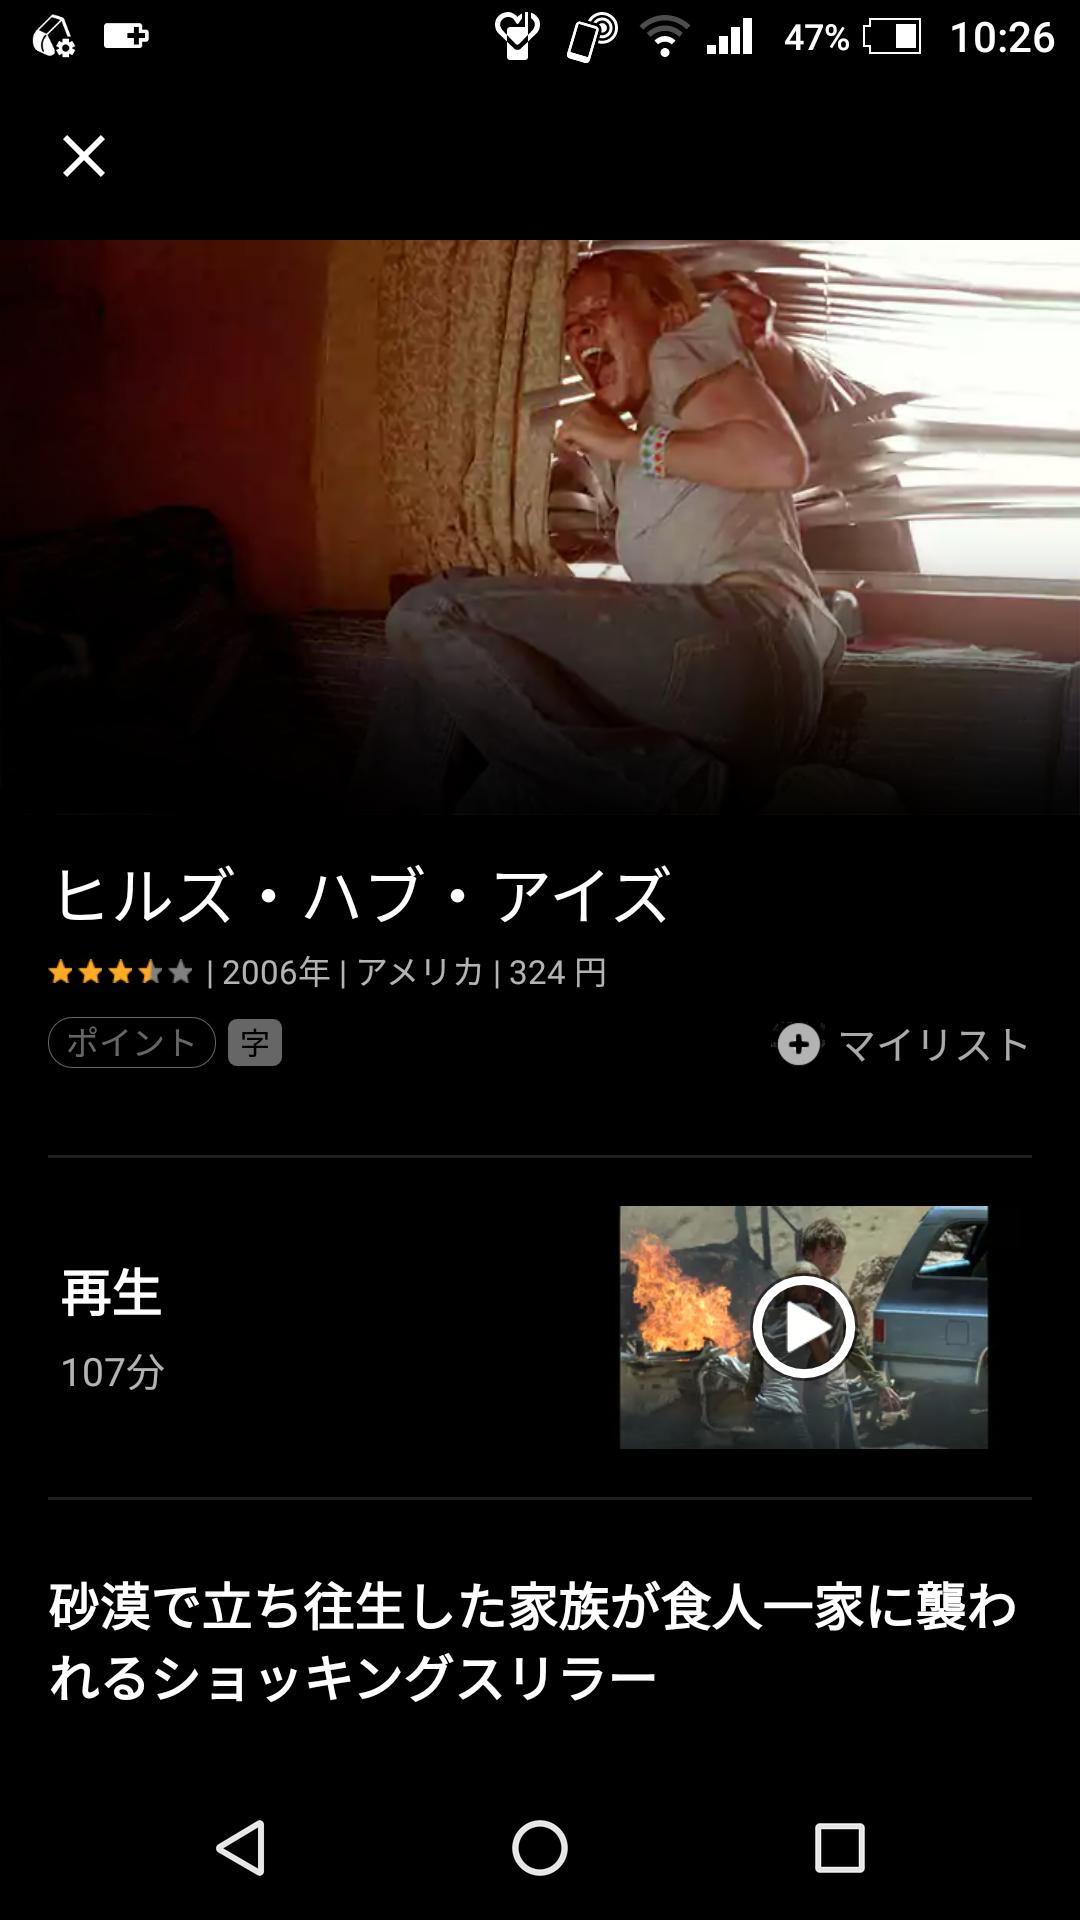 【洋画】スプラッター/スラッシャー映画ファンの方!